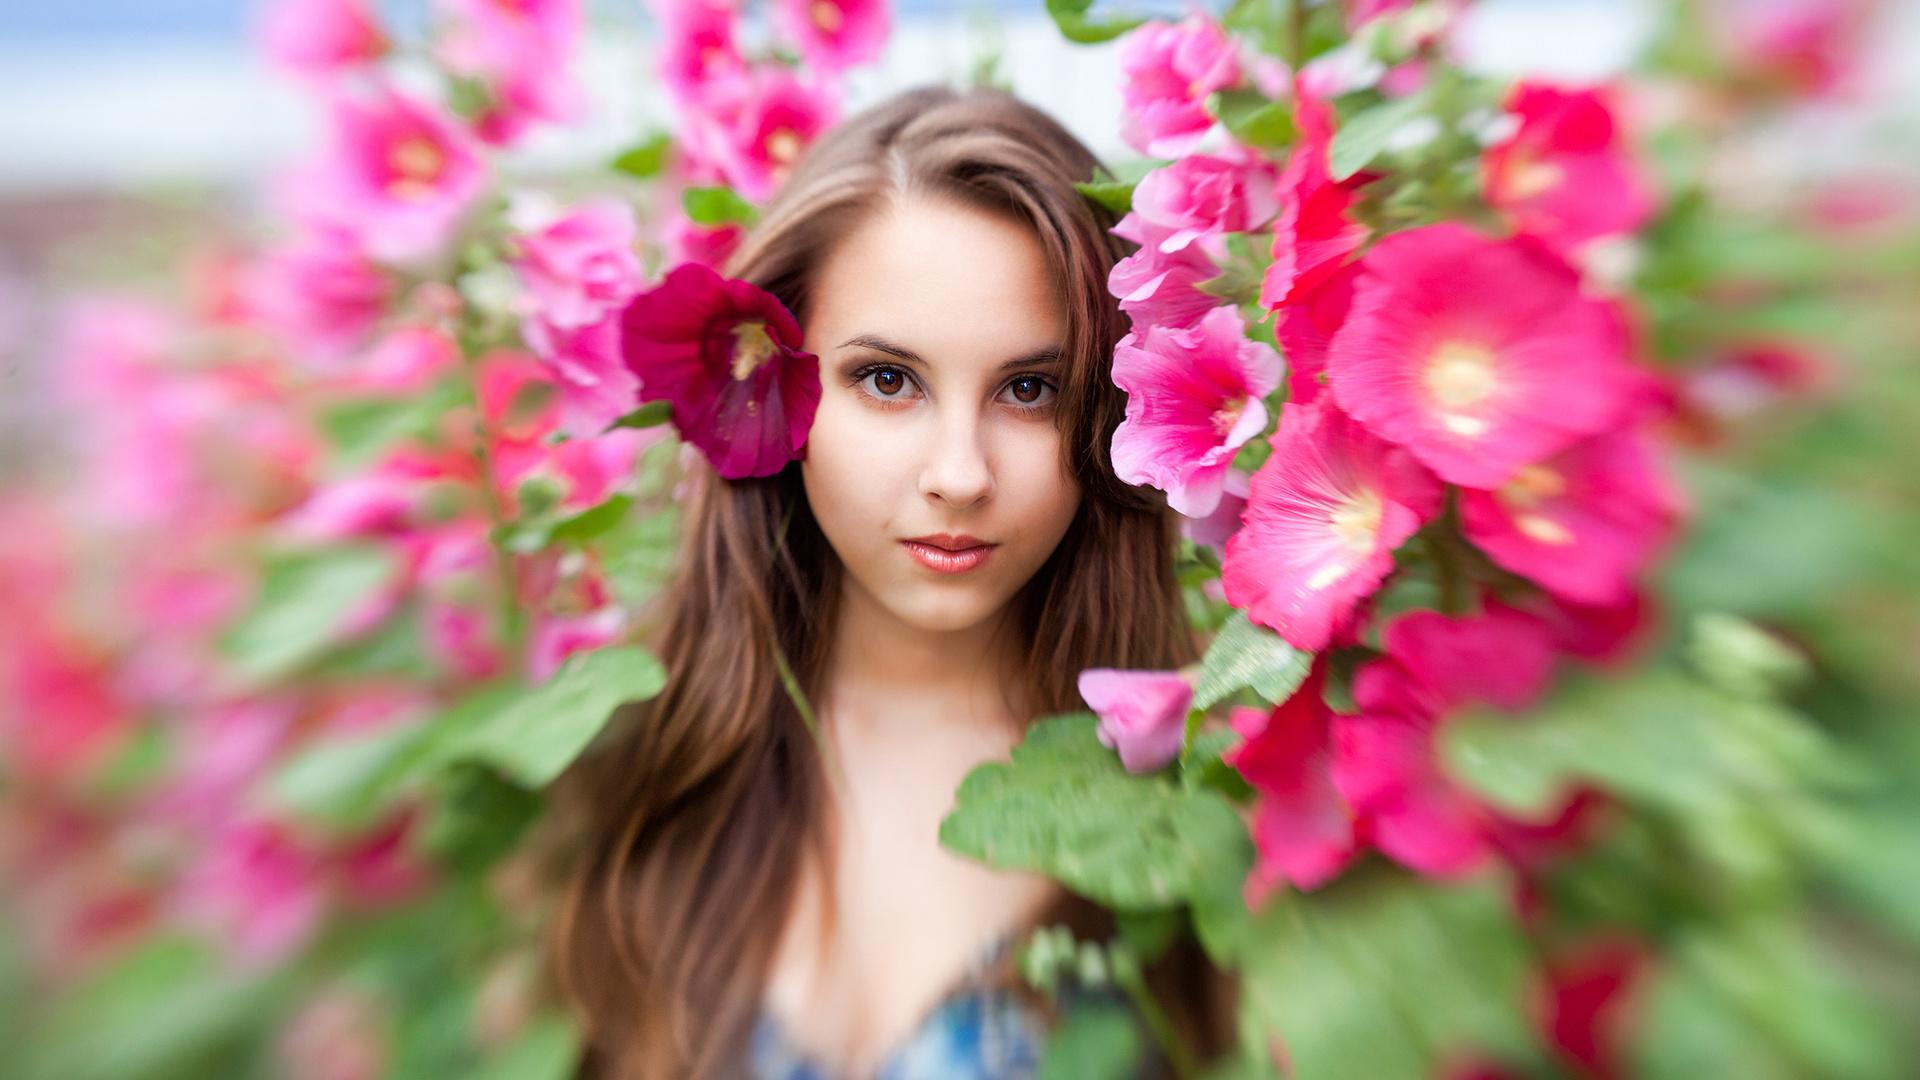 Картинки девушка в цветах, человек